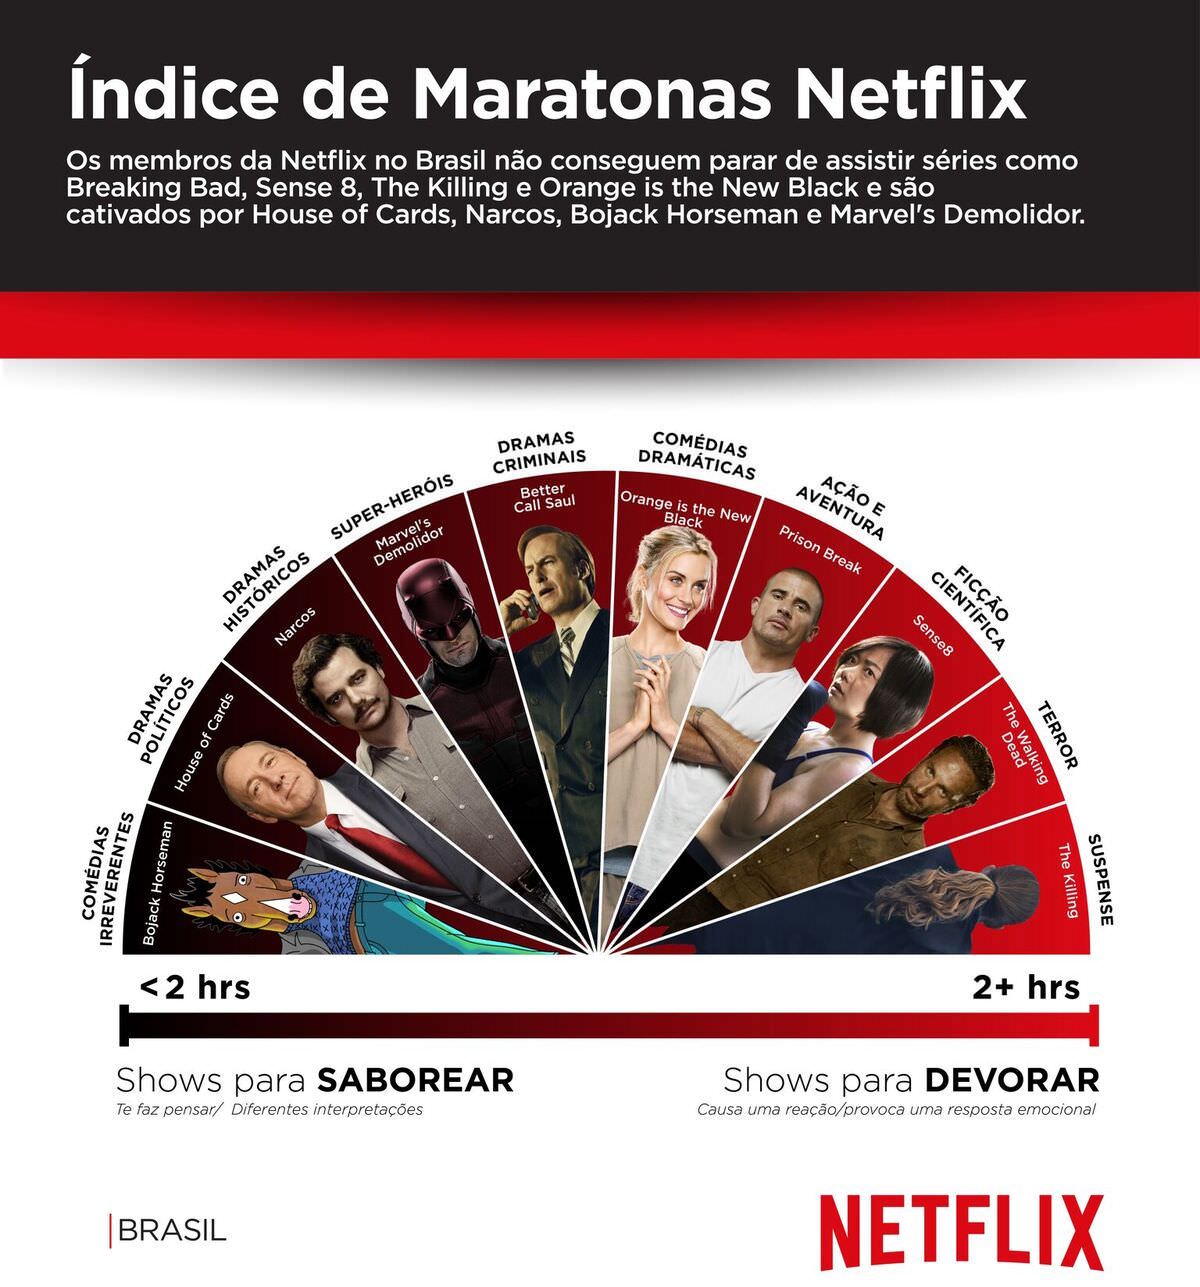 Como você prefere assistir as séries da Netflix, devorando ou saboreando Brasil